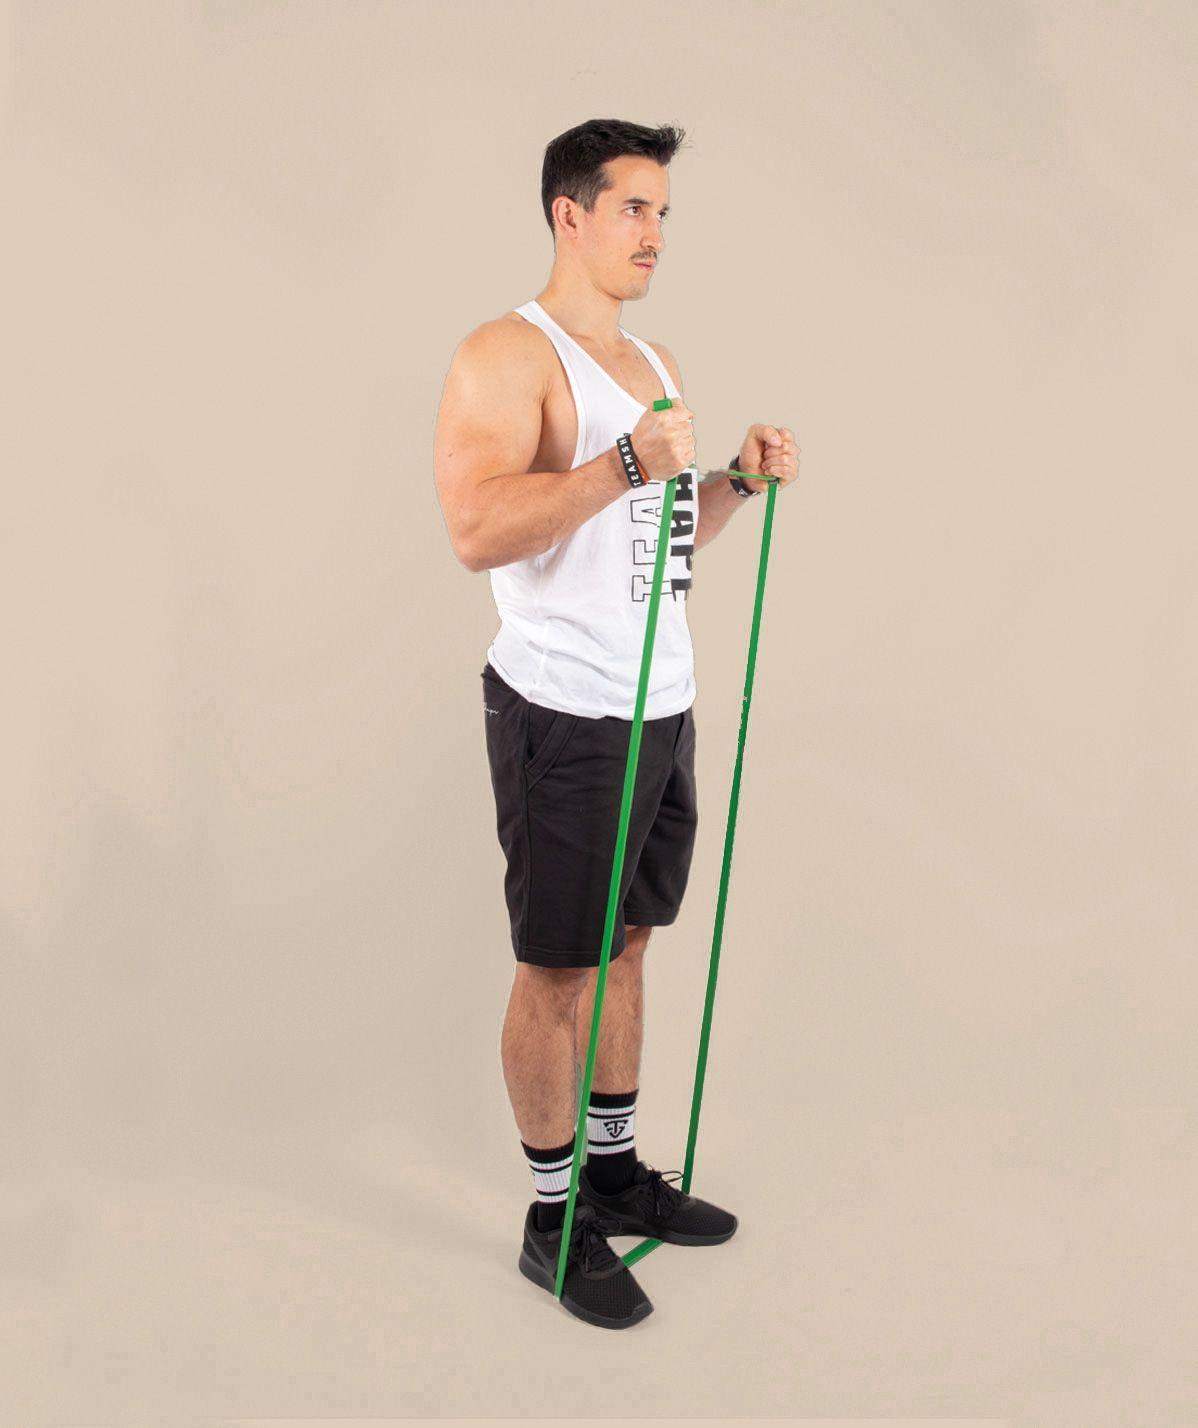 Élastique musculation TeamShape 8-25kg